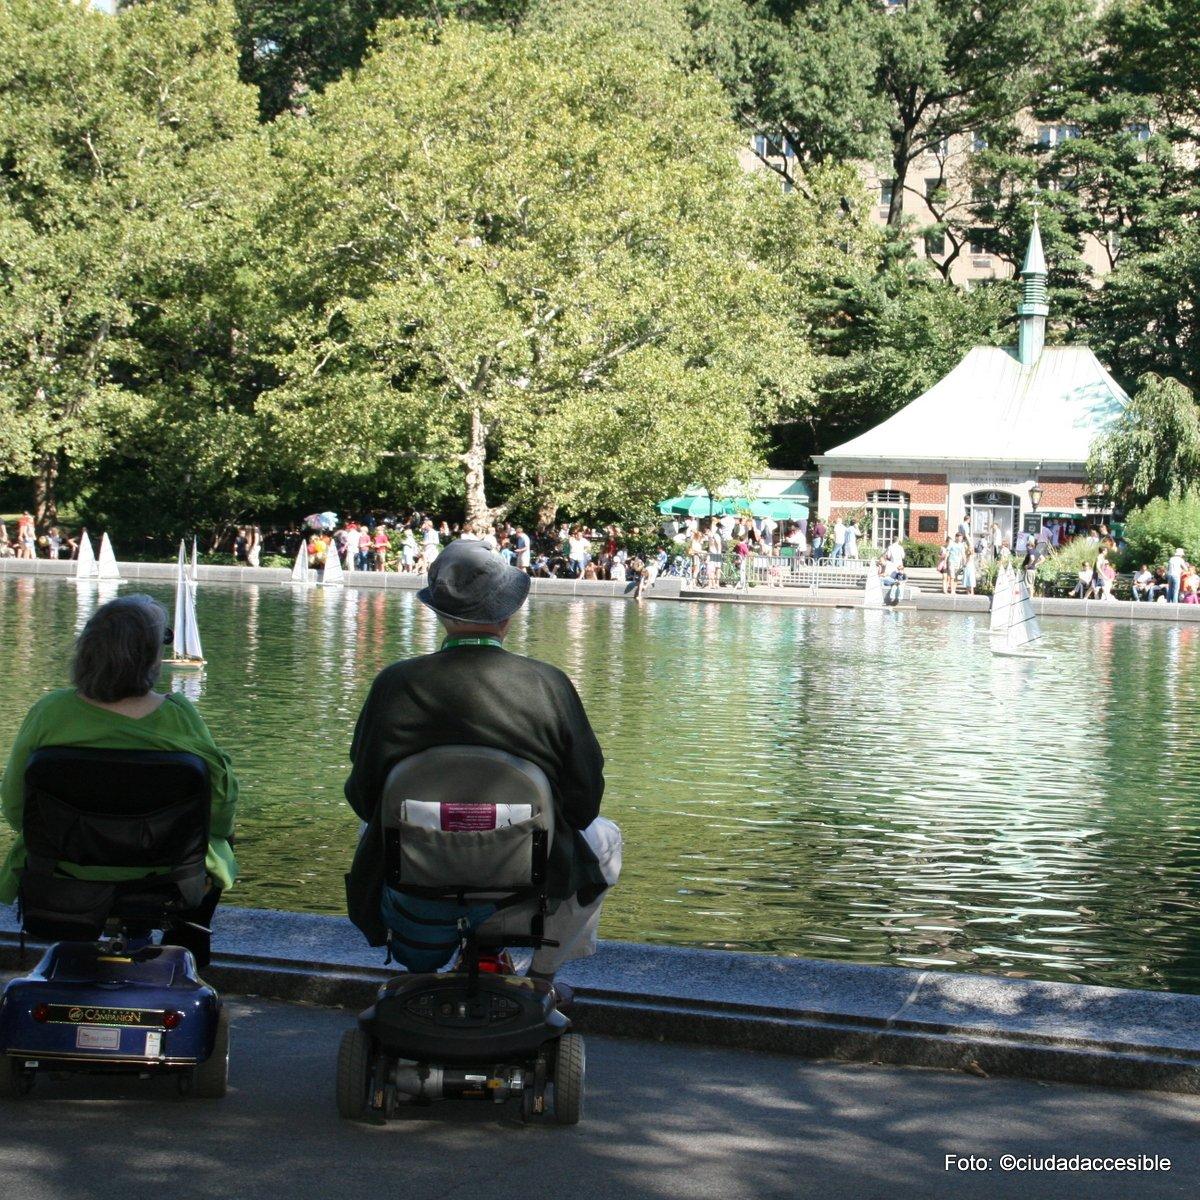 dos adultos mayores en sillas scooter mirando una laguna en parque